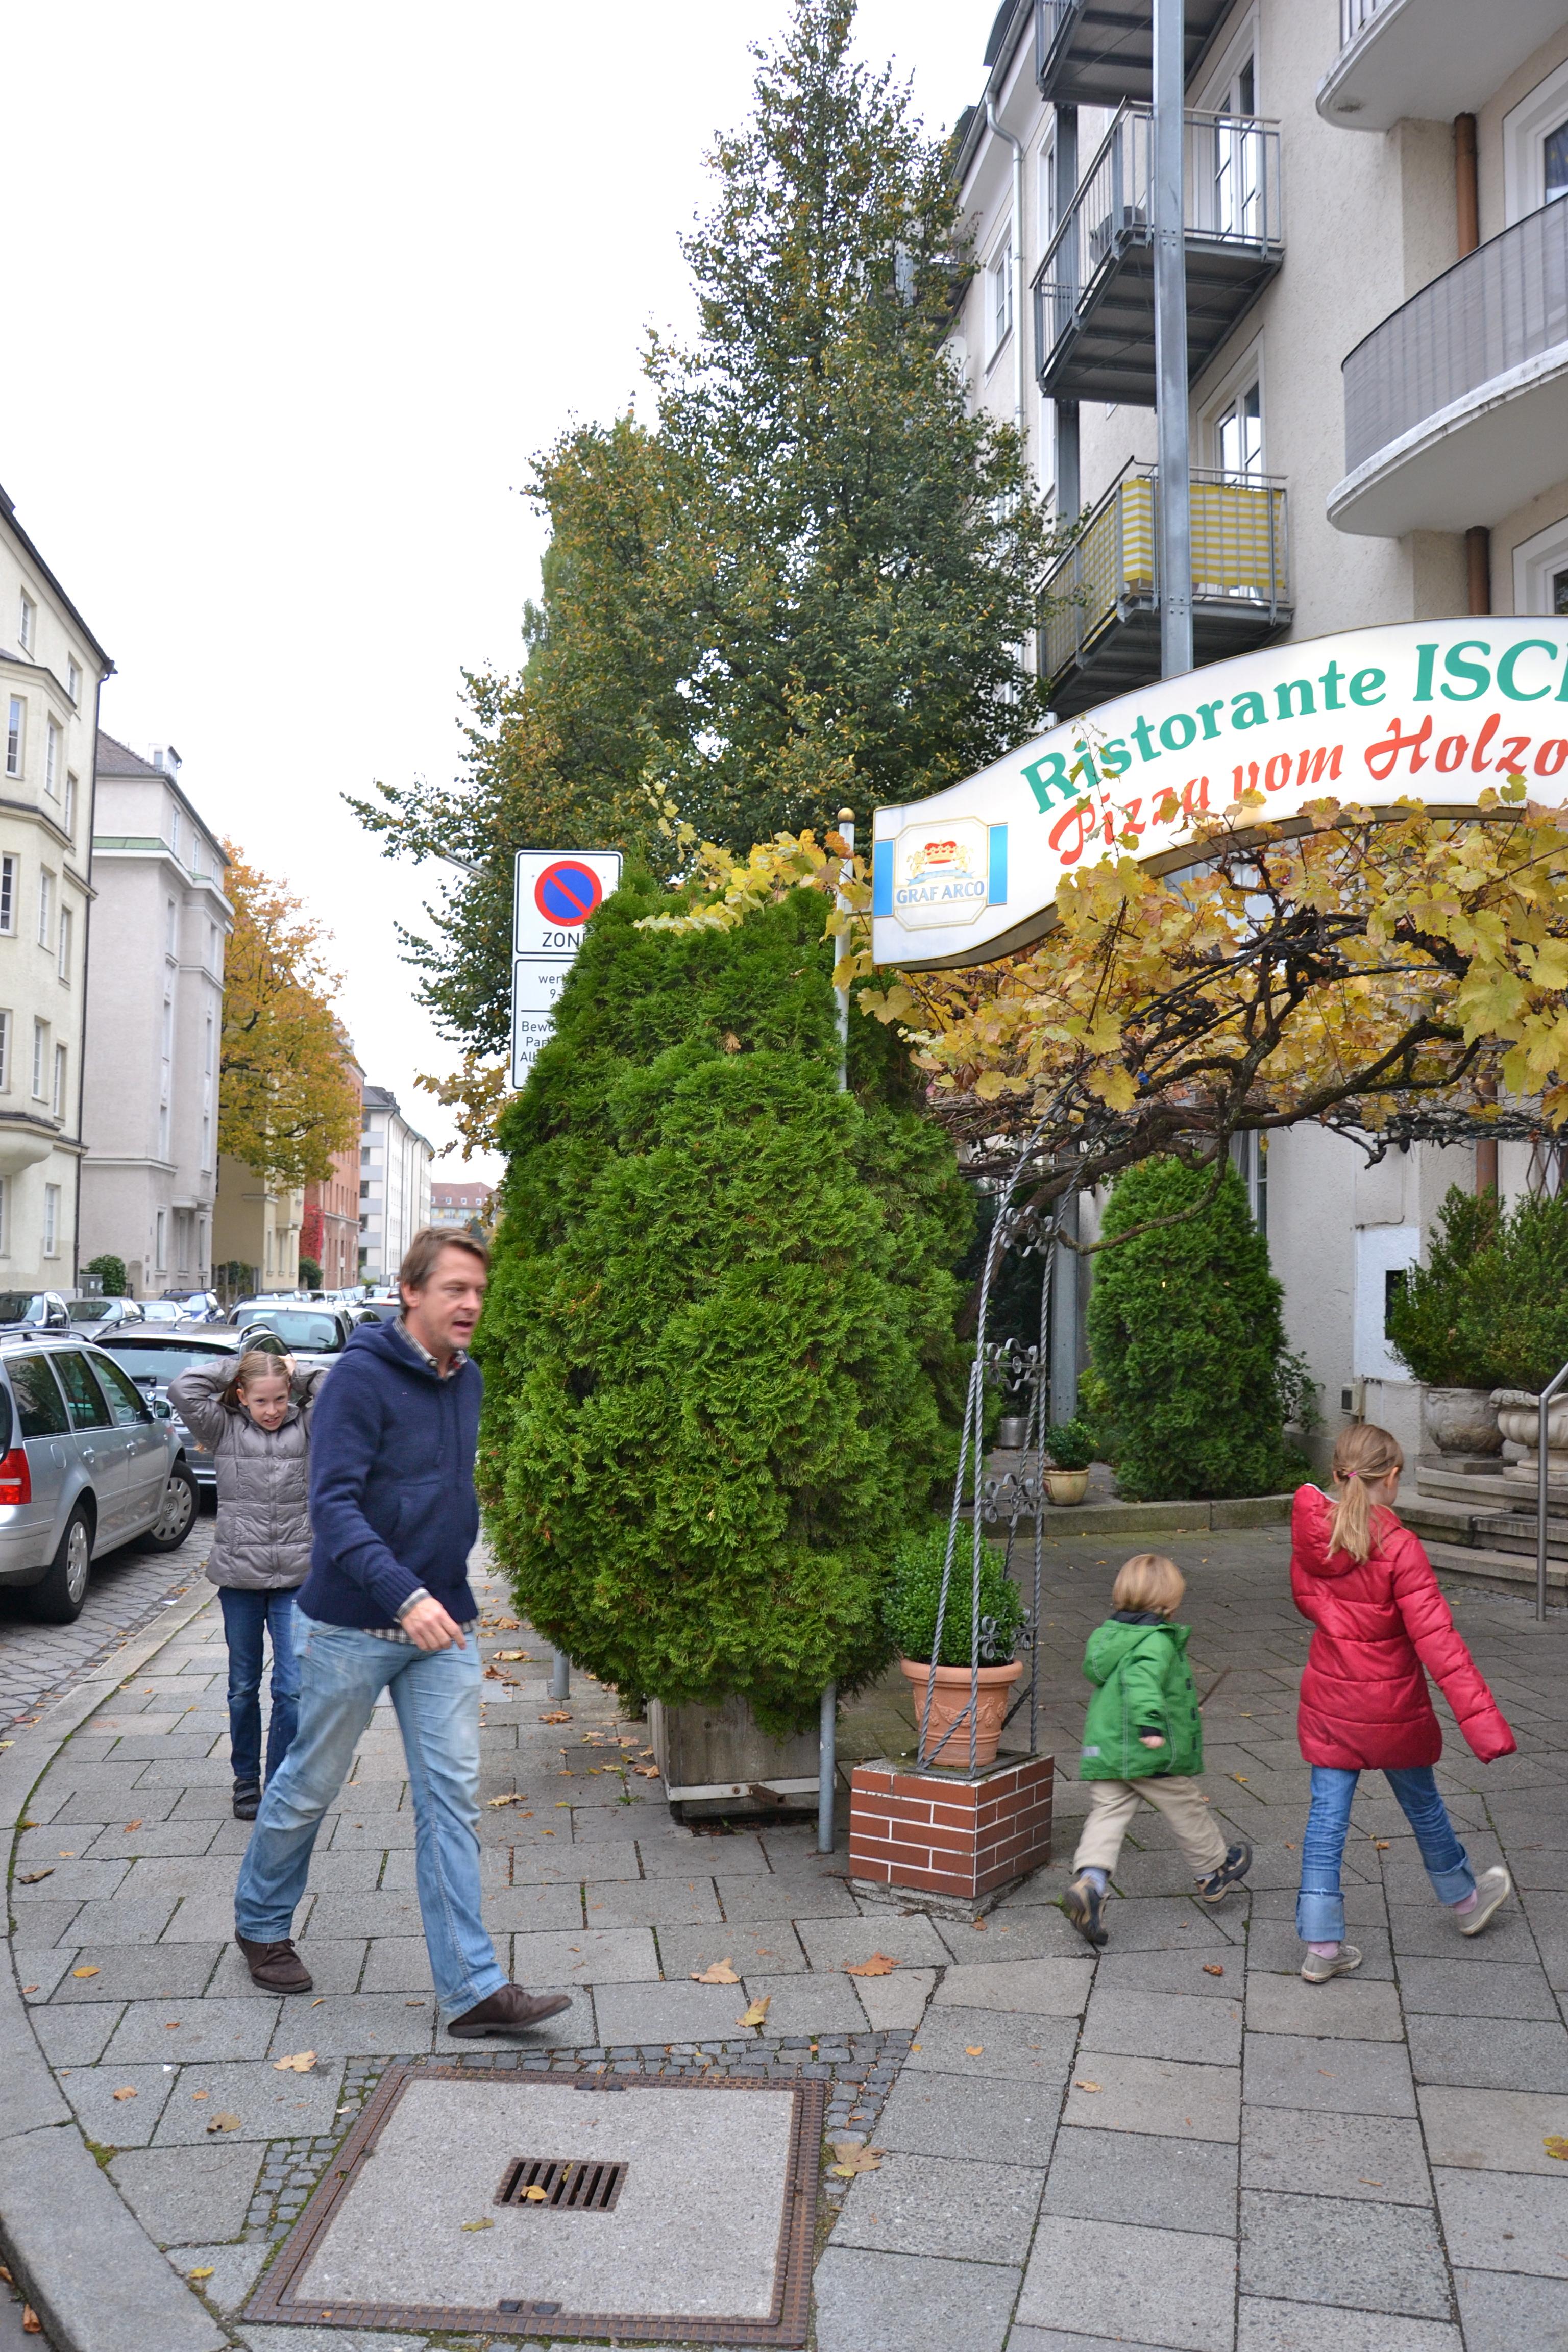 Kinderpizza - Michael König mit seinen Kindern auf dem Weg zur Pizzabackschule